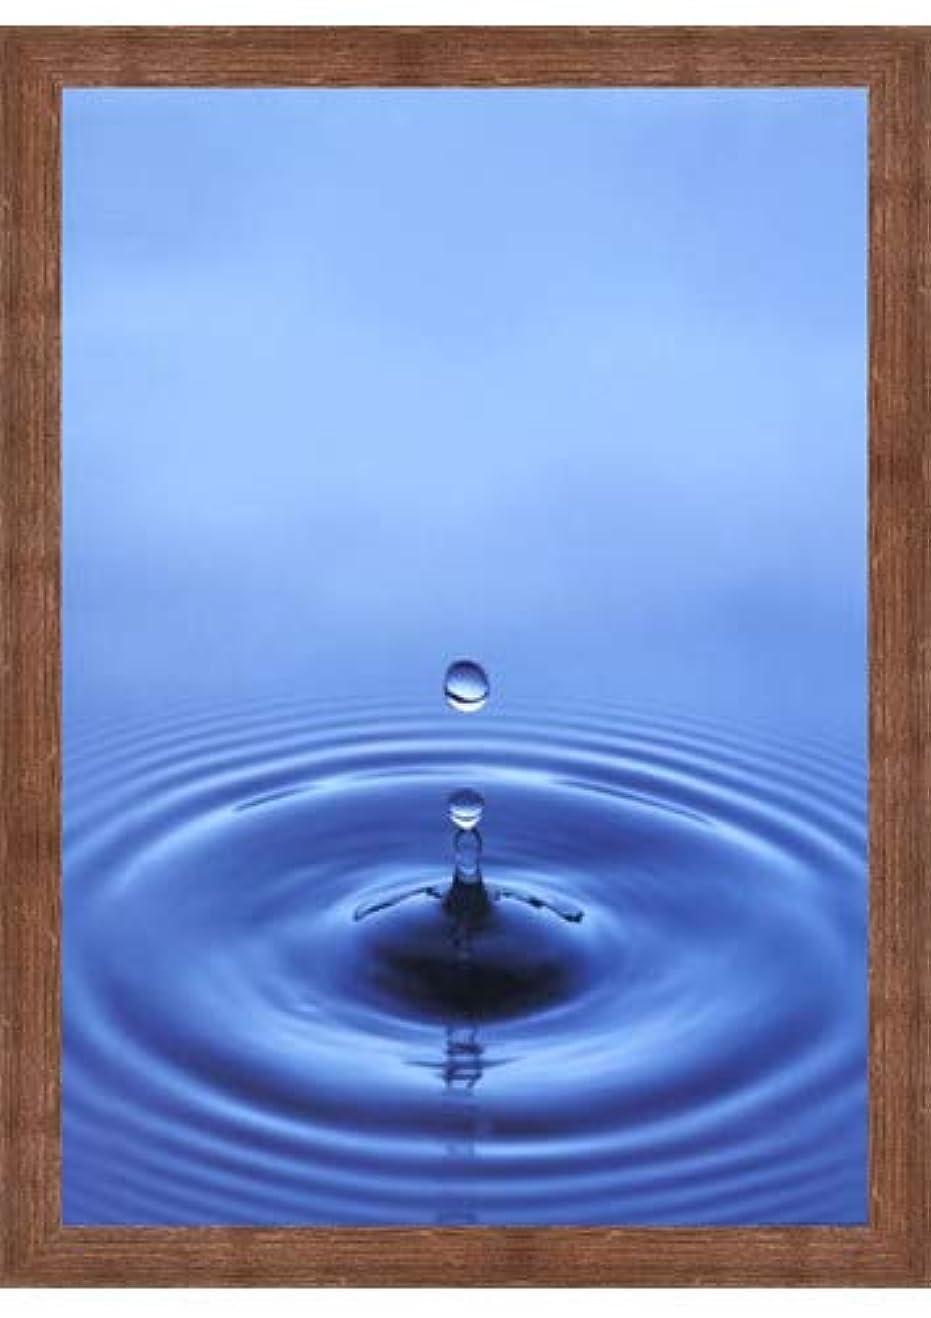 ネイティブ責める無許可瞑想ドロップby Unknown – 19.5 X 27.5インチ – アートプリントポスター LE_119215-F10570-19.5x27.5